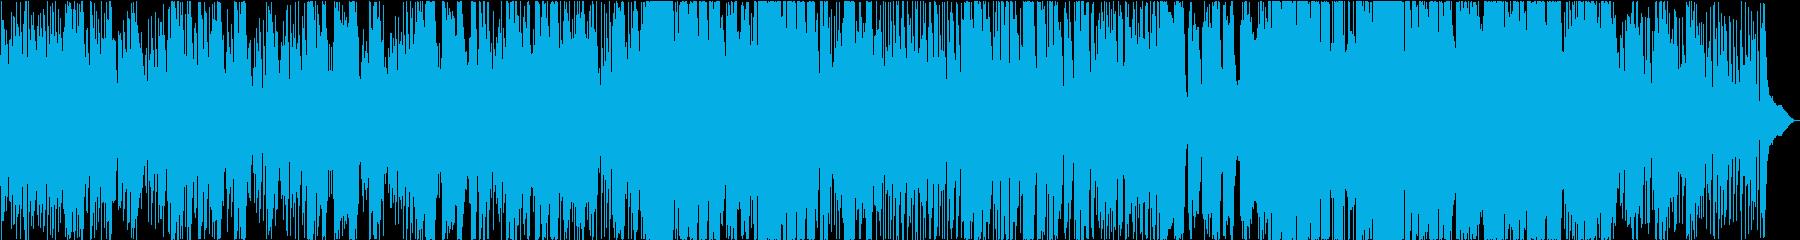 アコギ生音が際立つ月夜のラブソングの再生済みの波形